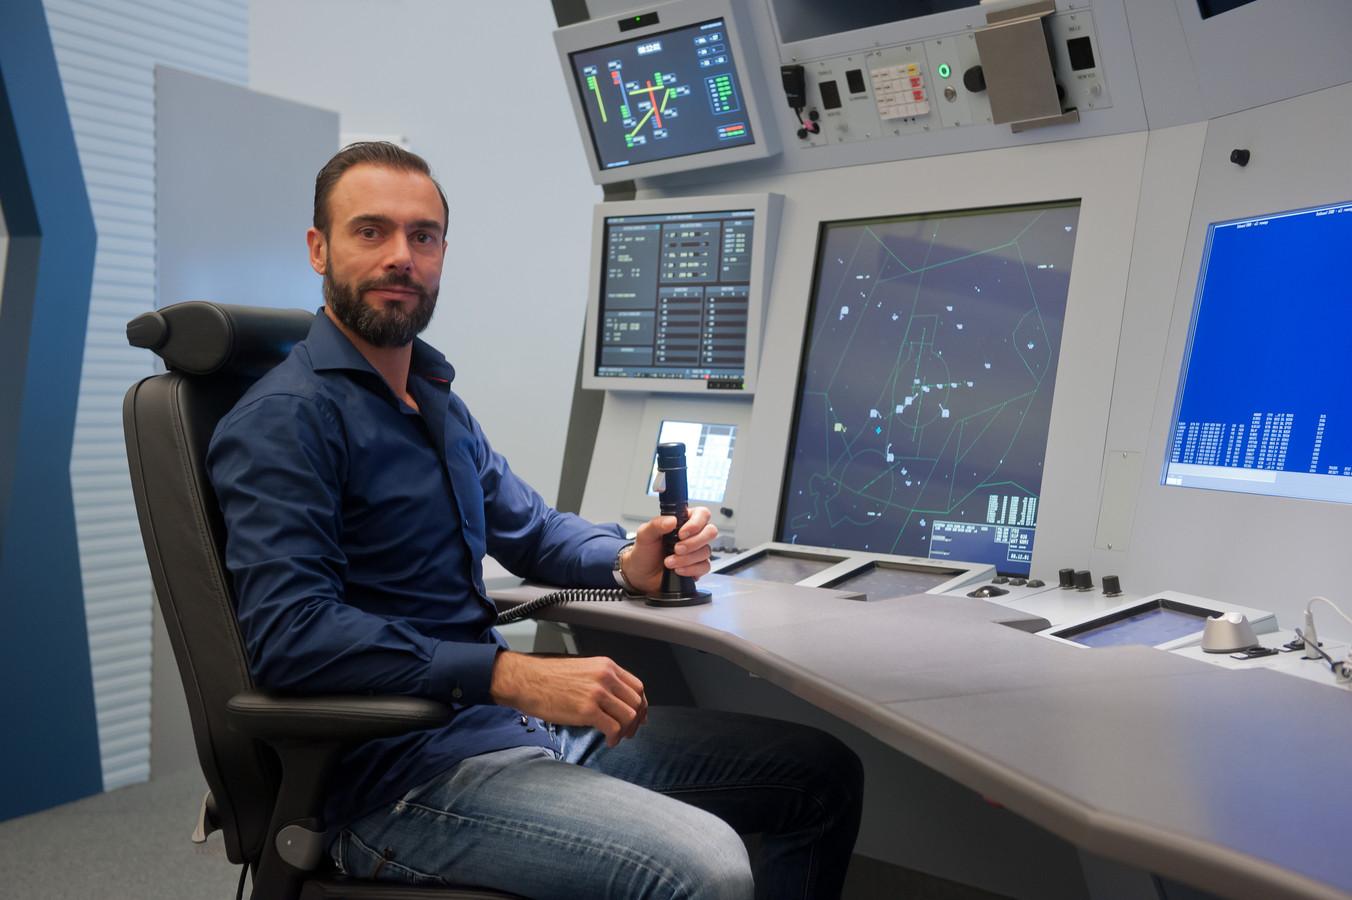 Martijn Duijkers, luchtverkeersleider bij LVNL